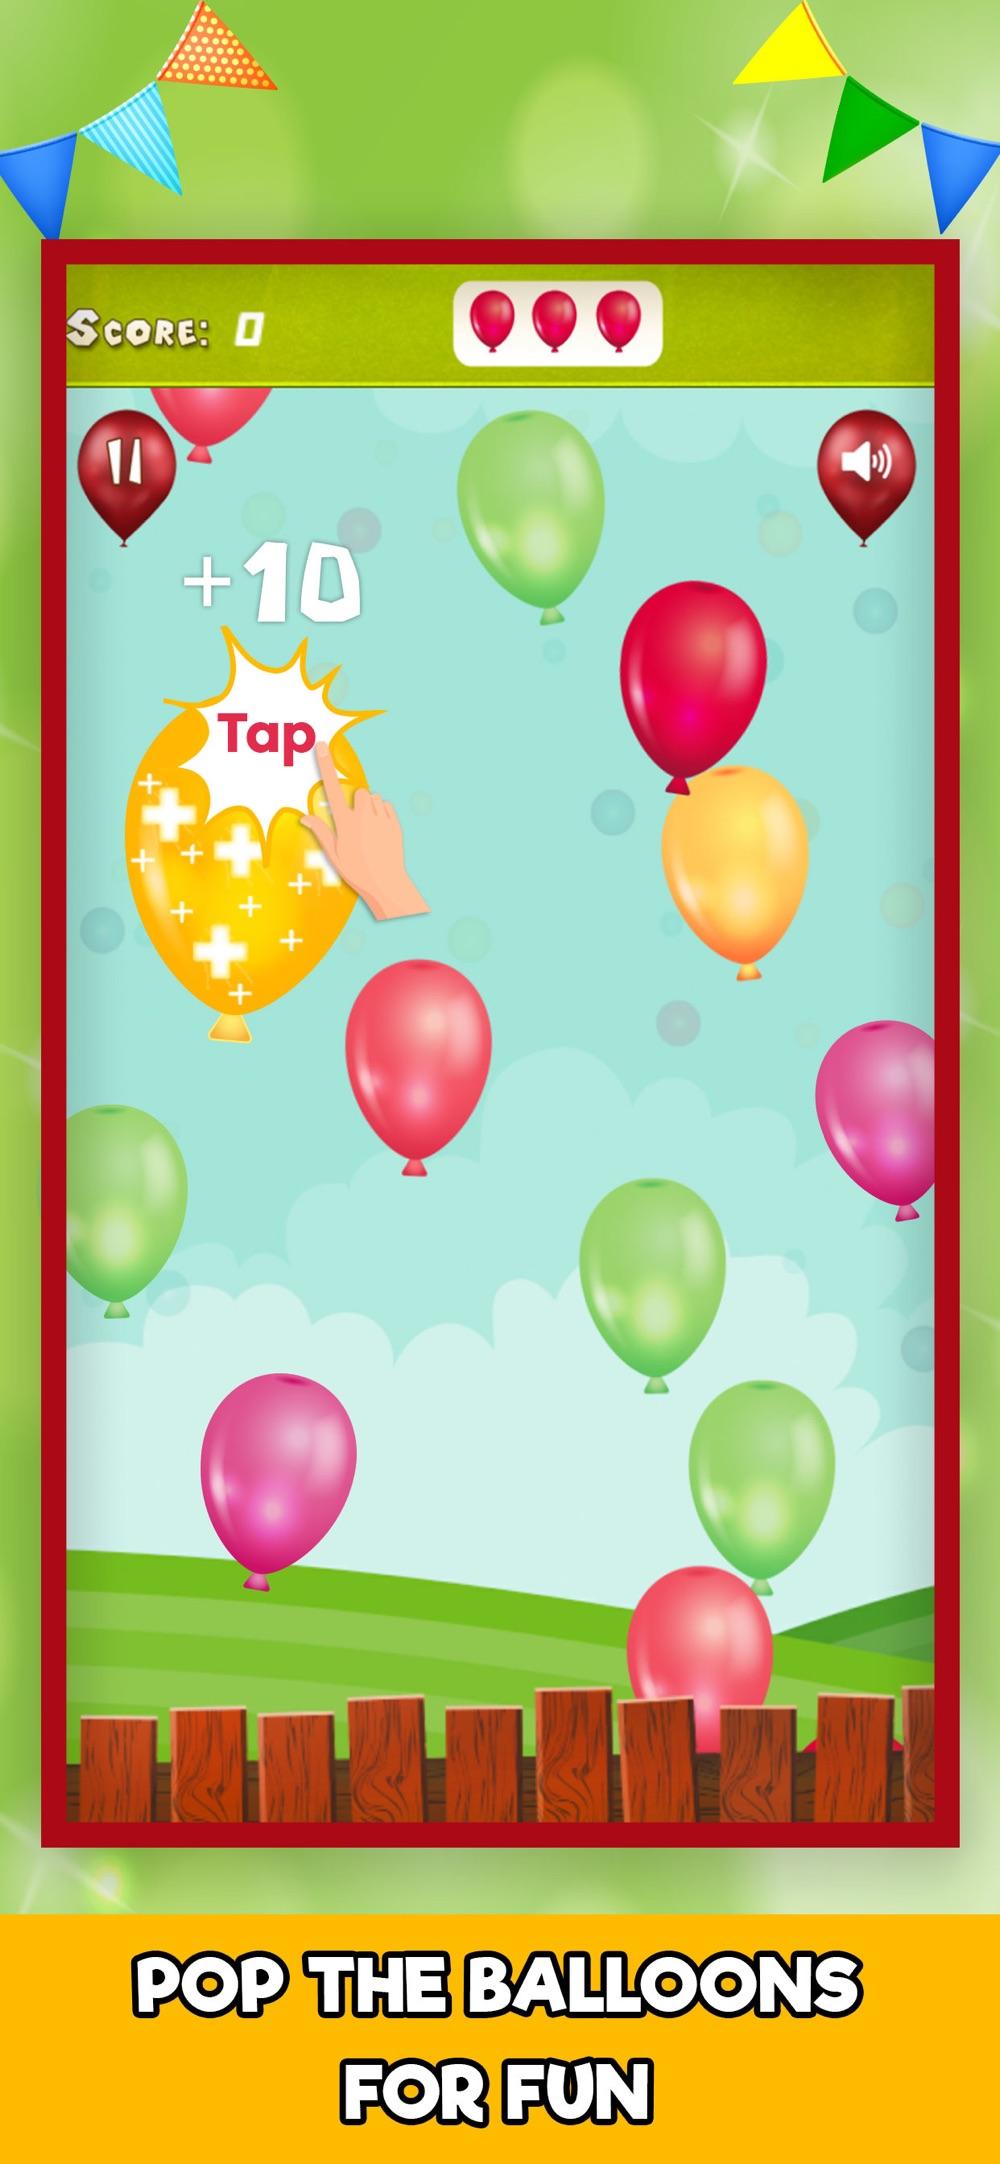 Balloon Pop – Ballon Games Cheat Codes